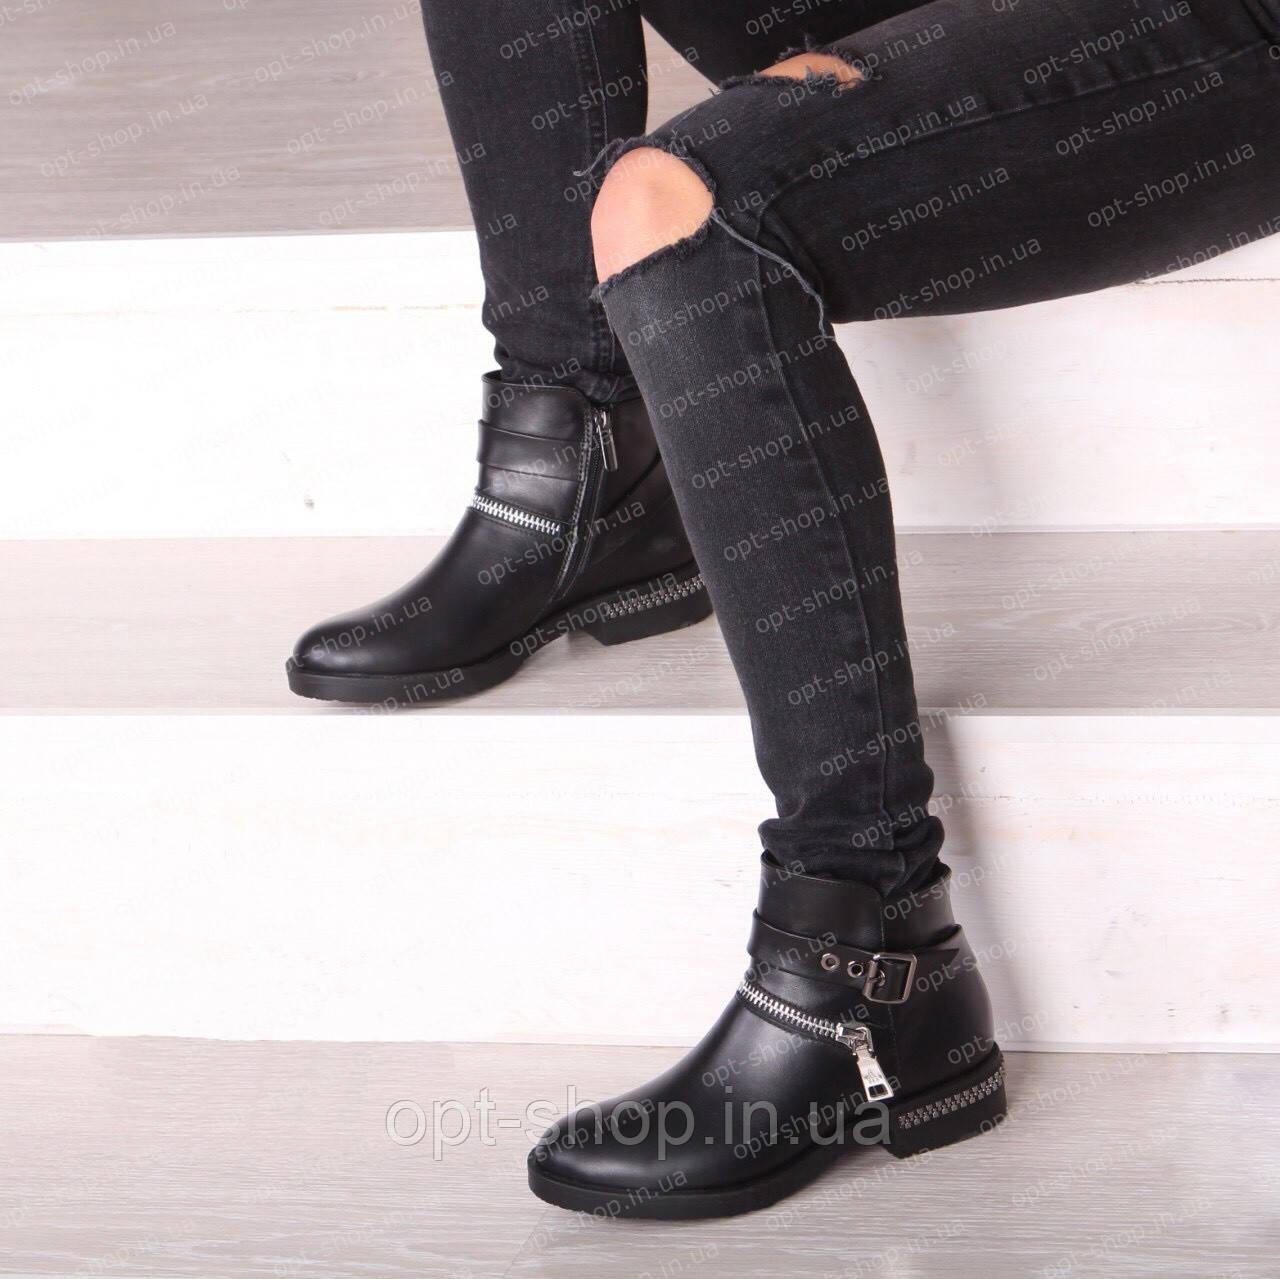 9da139a9ee13 Купить Женские кожаные ботинки в Харькове от компании